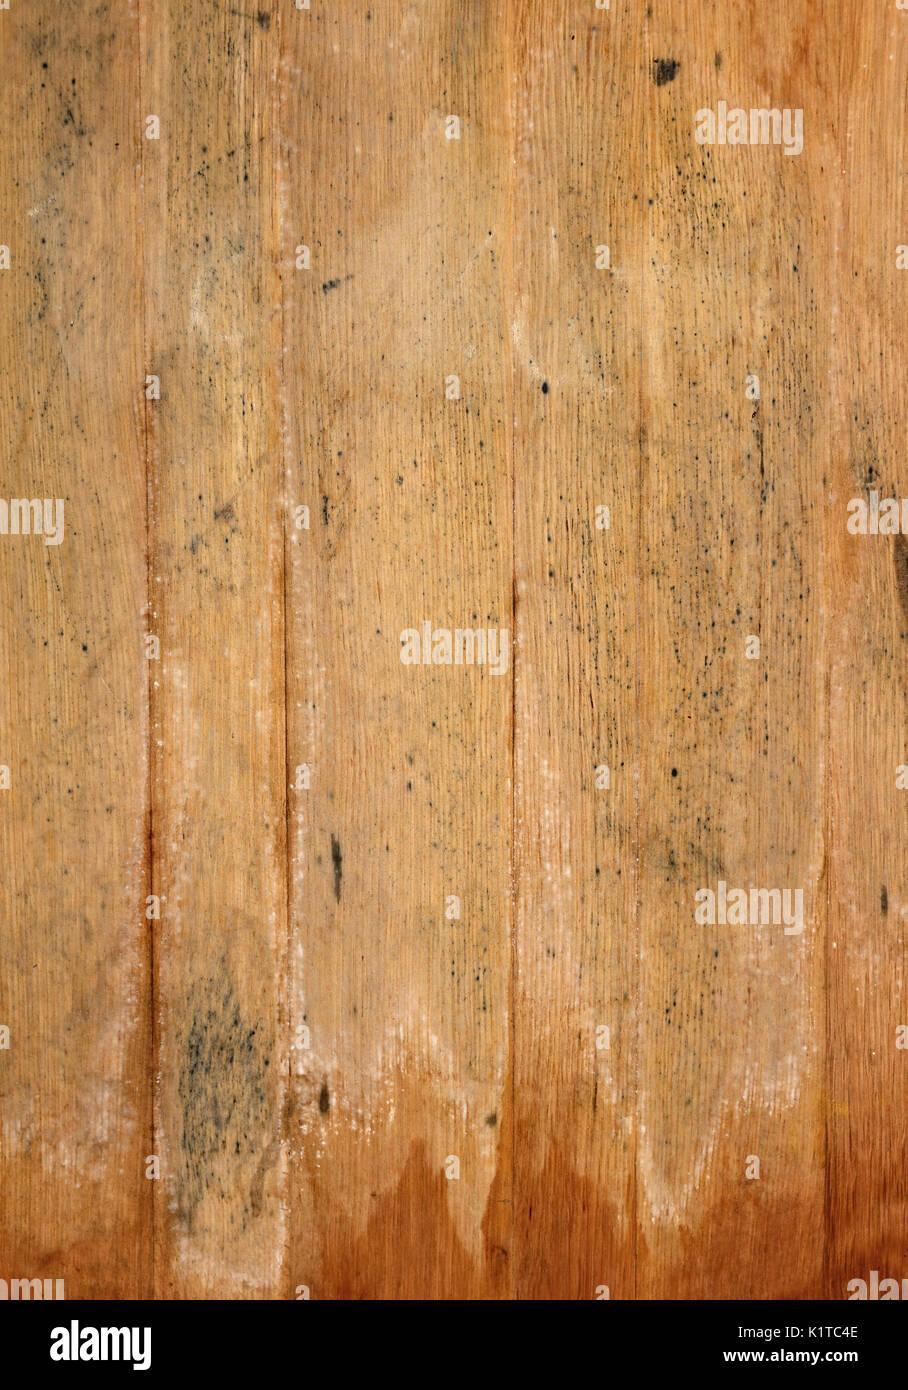 Flecken Auf Holztisch Free Flecken Auf Holztisch With Flecken Auf Holztisch Great Nuvero In